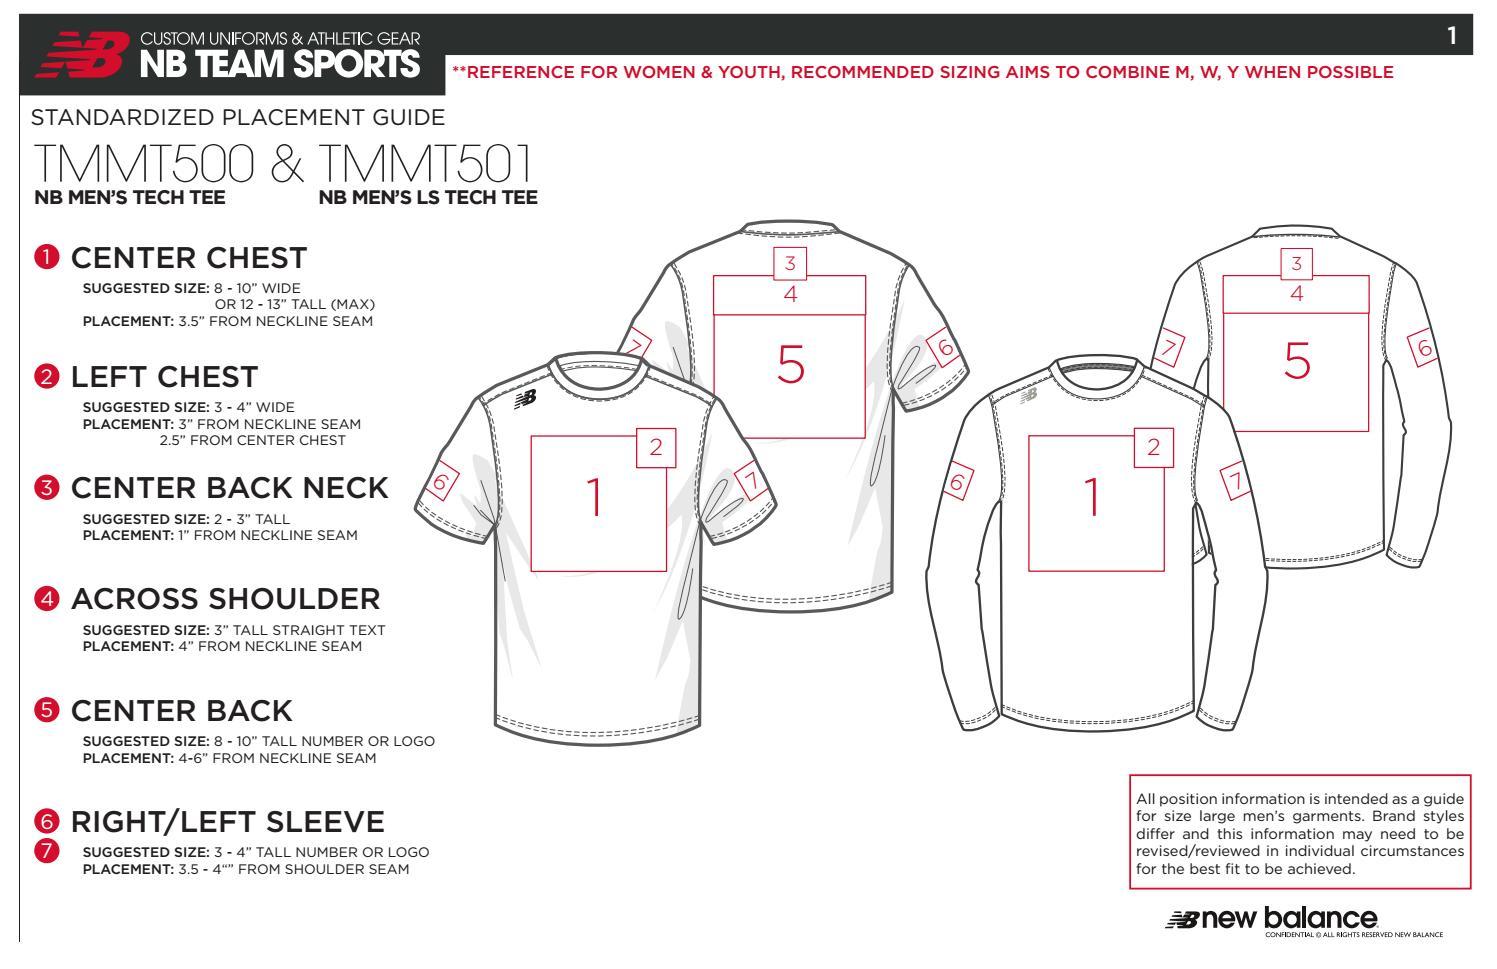 Teamwear Standardized Placement Guide Final By Liz Bell